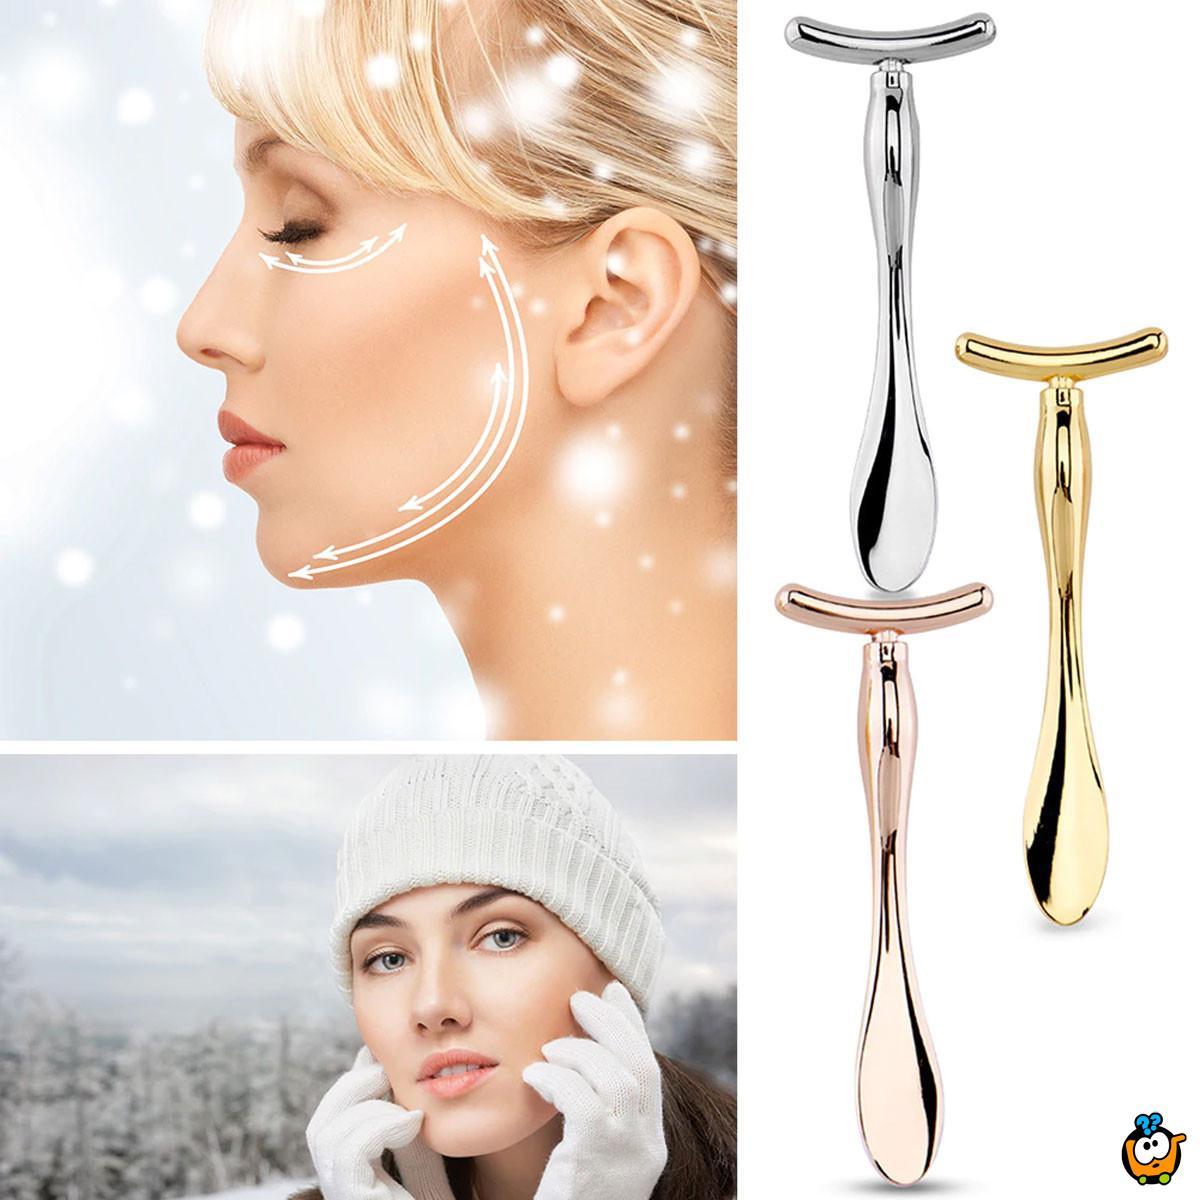 T-shape massage - Metalni masažer za negu lica